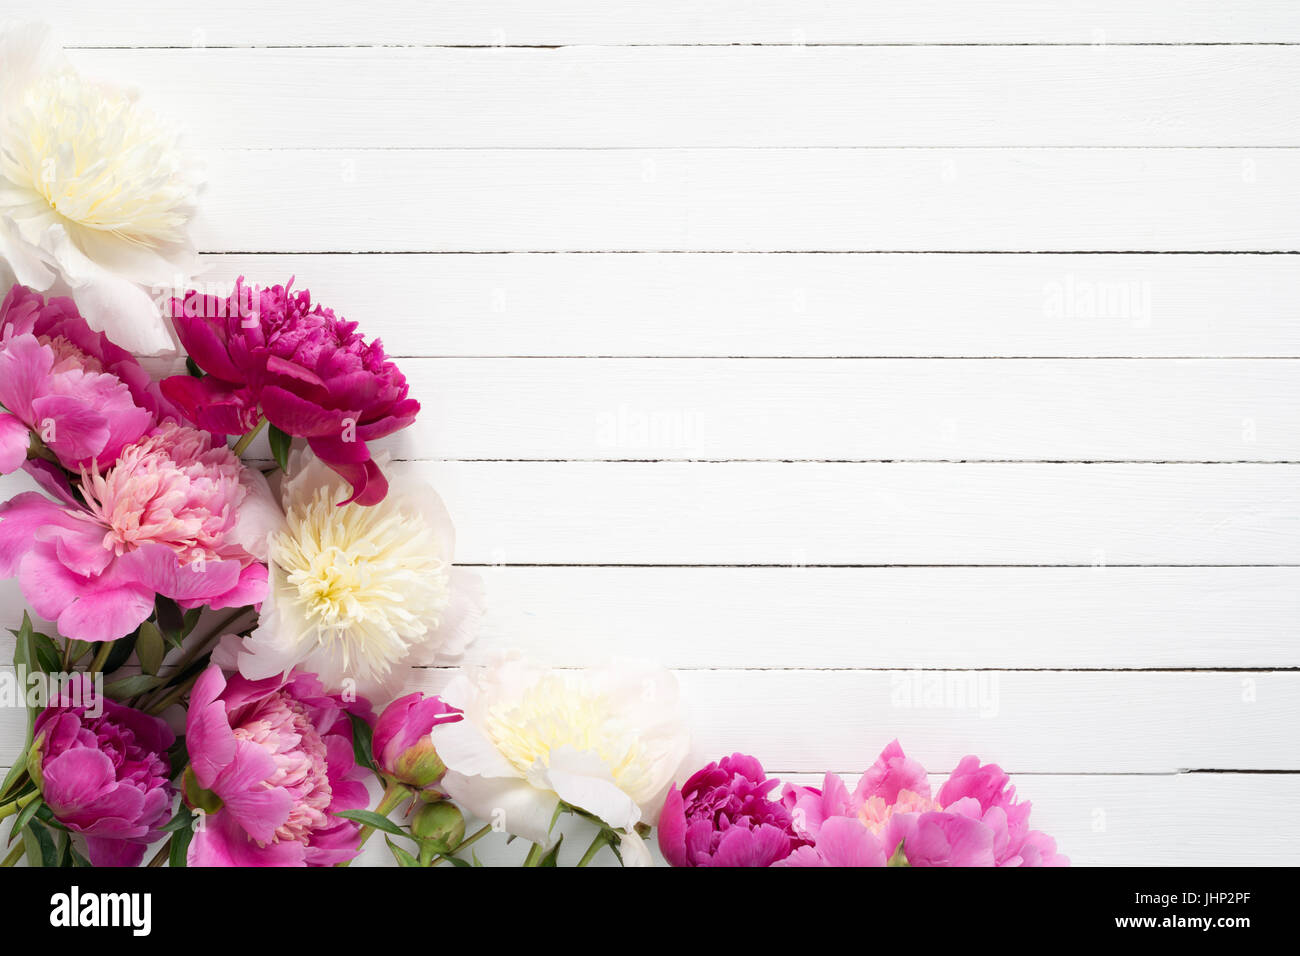 Flores Lilas Con Rosas Sobre Fondo: Marco Floral / Antecedentes Con Hermosa Rosa, Morado Y